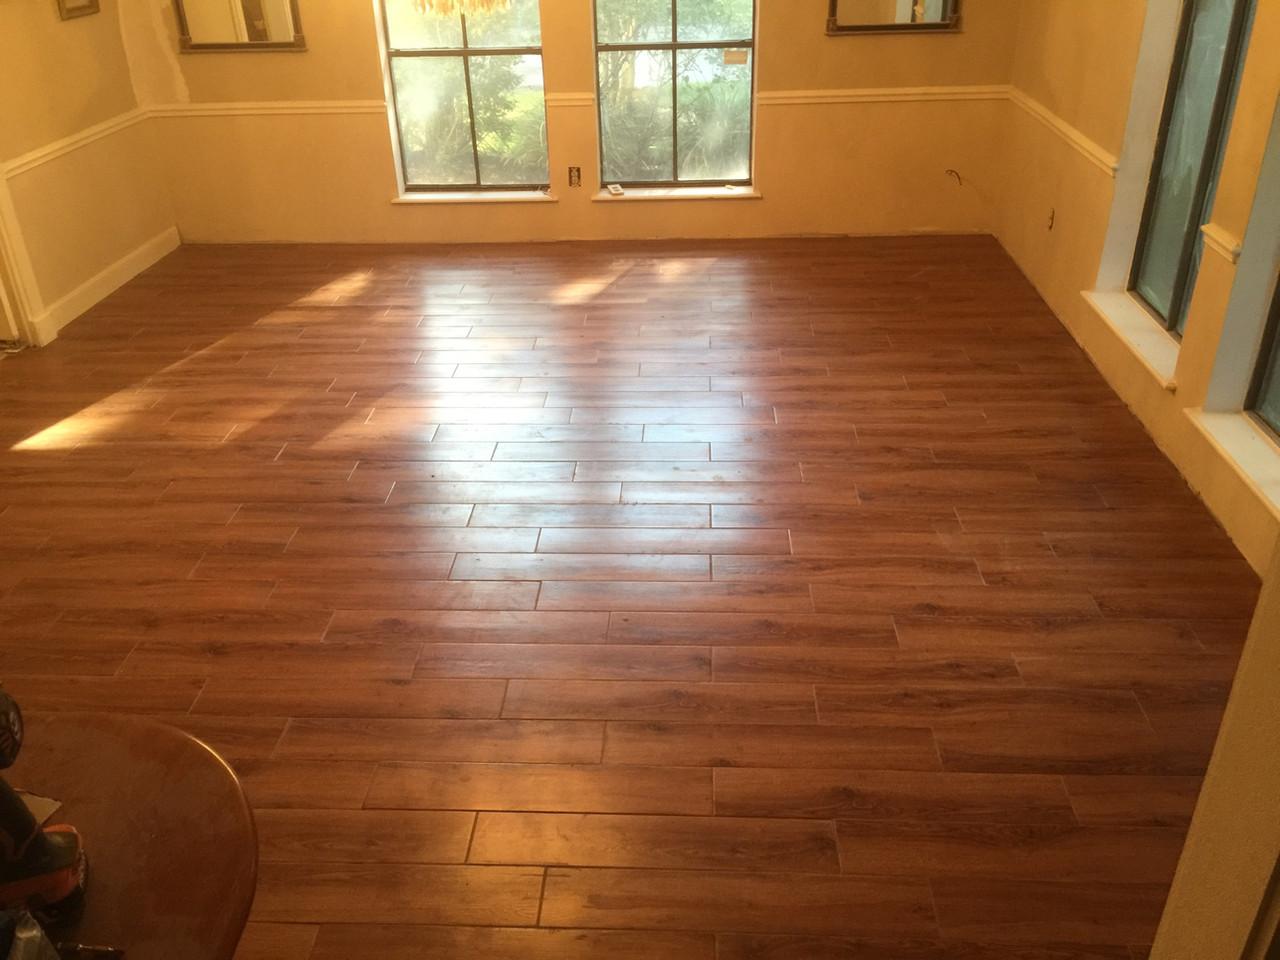 wood tile floor in guest bedroom